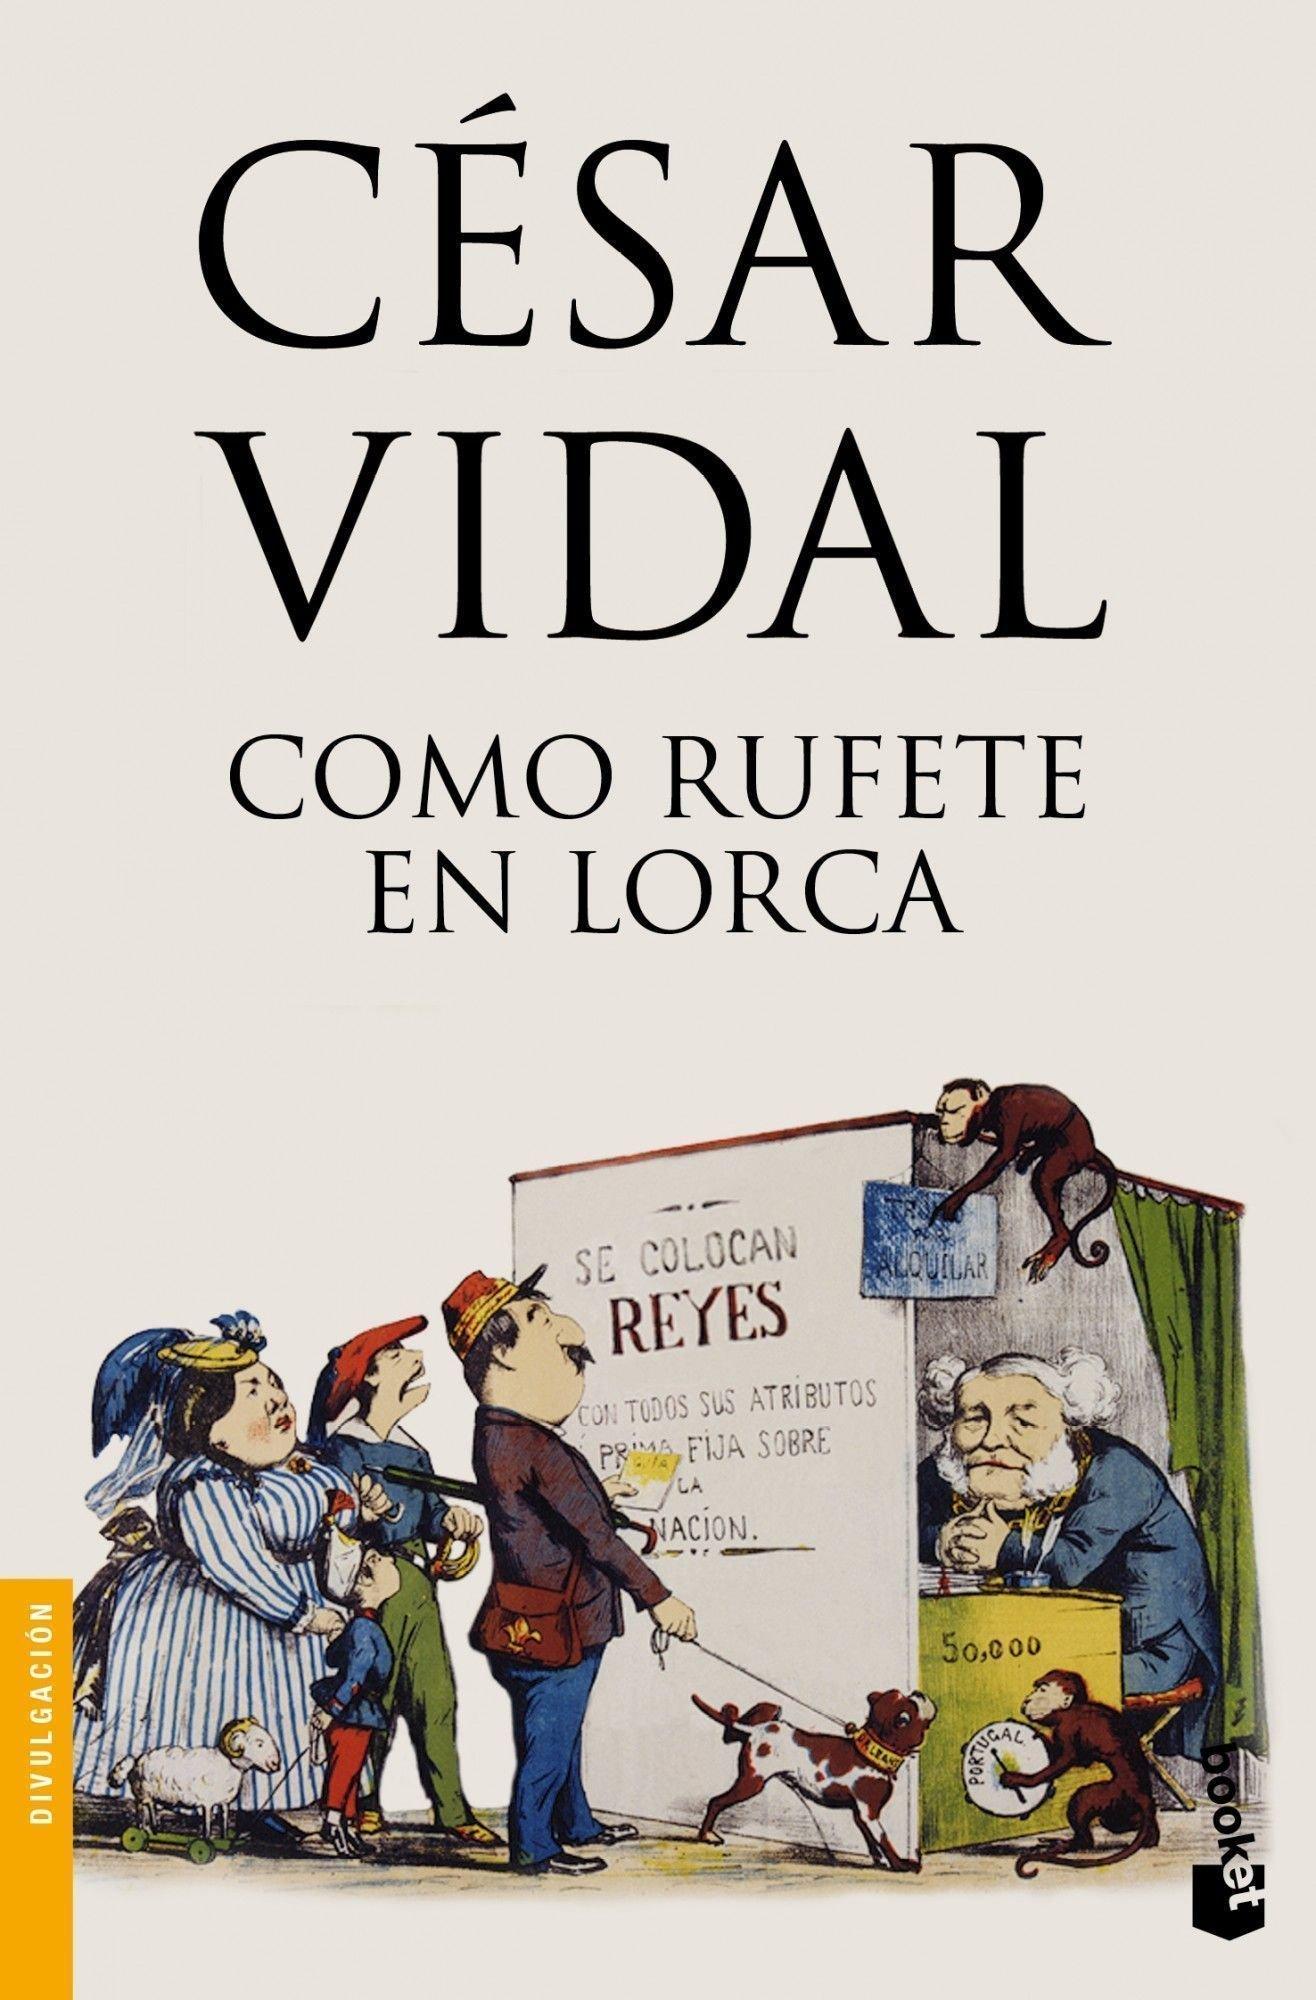 Como Rufete en Lorca (Divulgación. Historia): Amazon.es: César Vidal: Libros